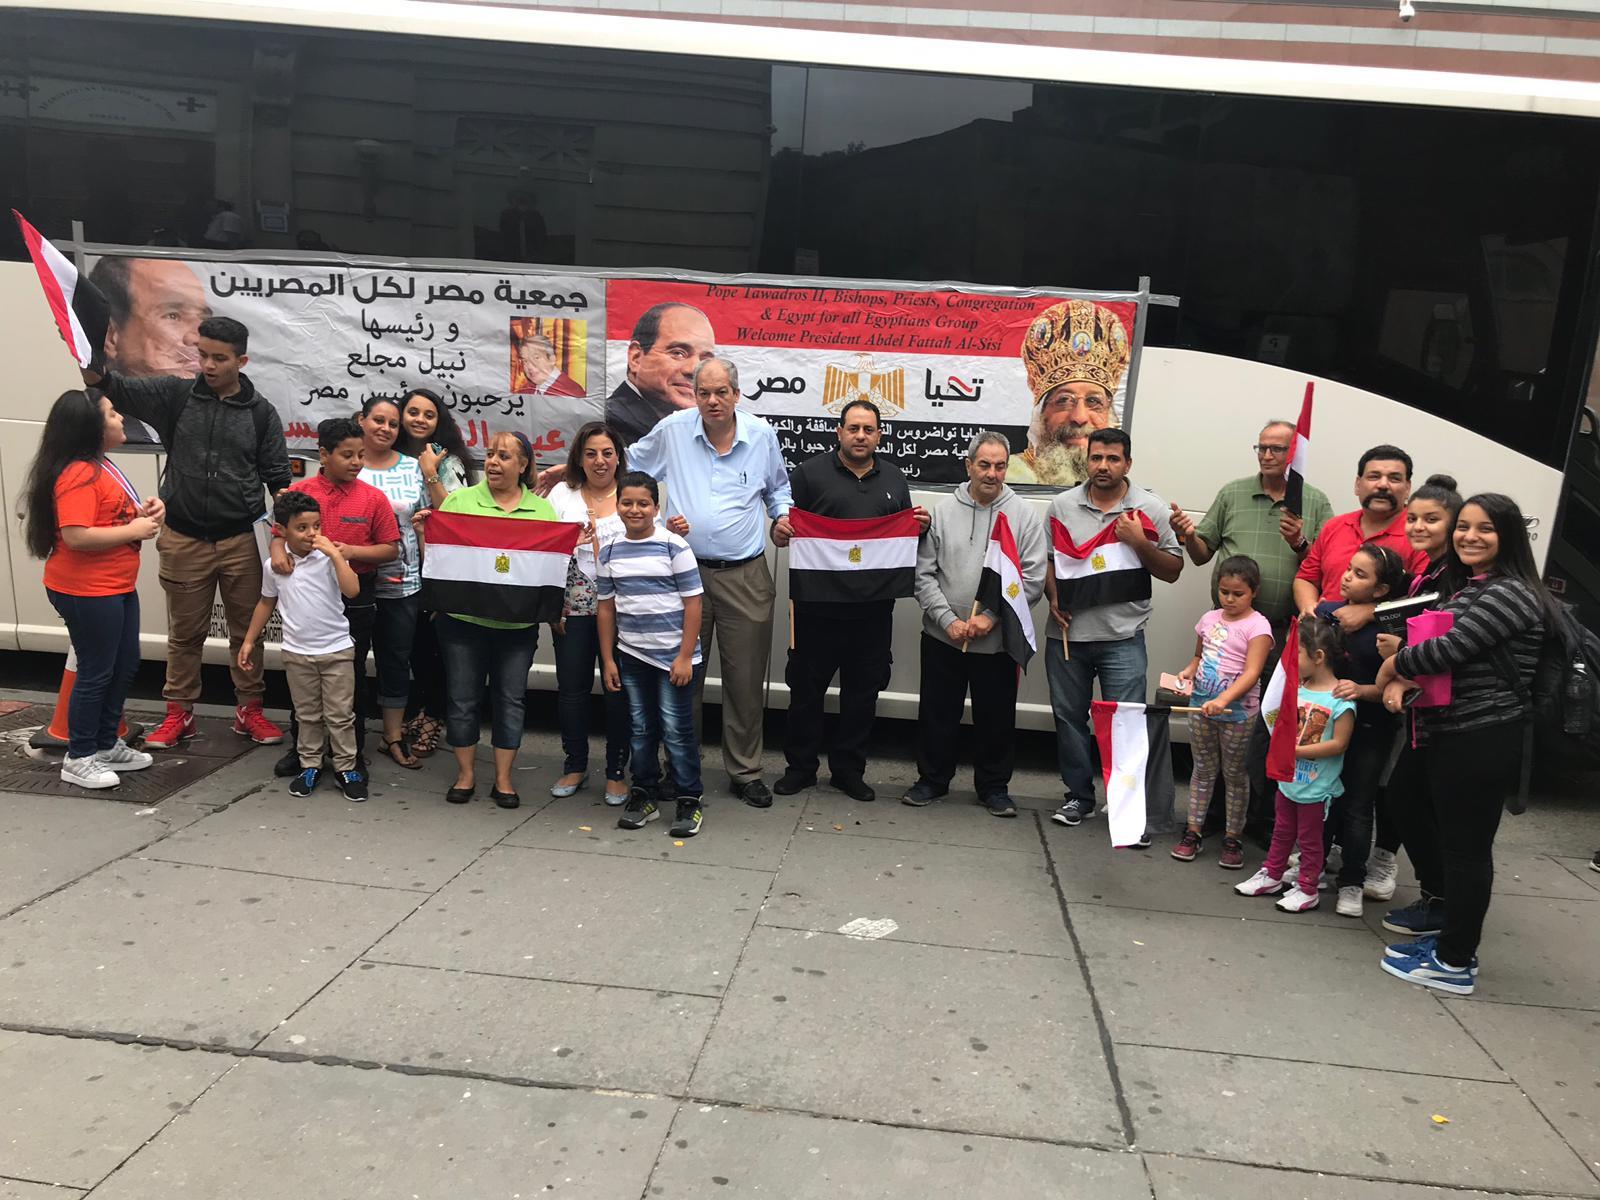 صور | الجالية المصرية بنيويورك تستعد لاستقبال الرئيس السيسى بالأعلام